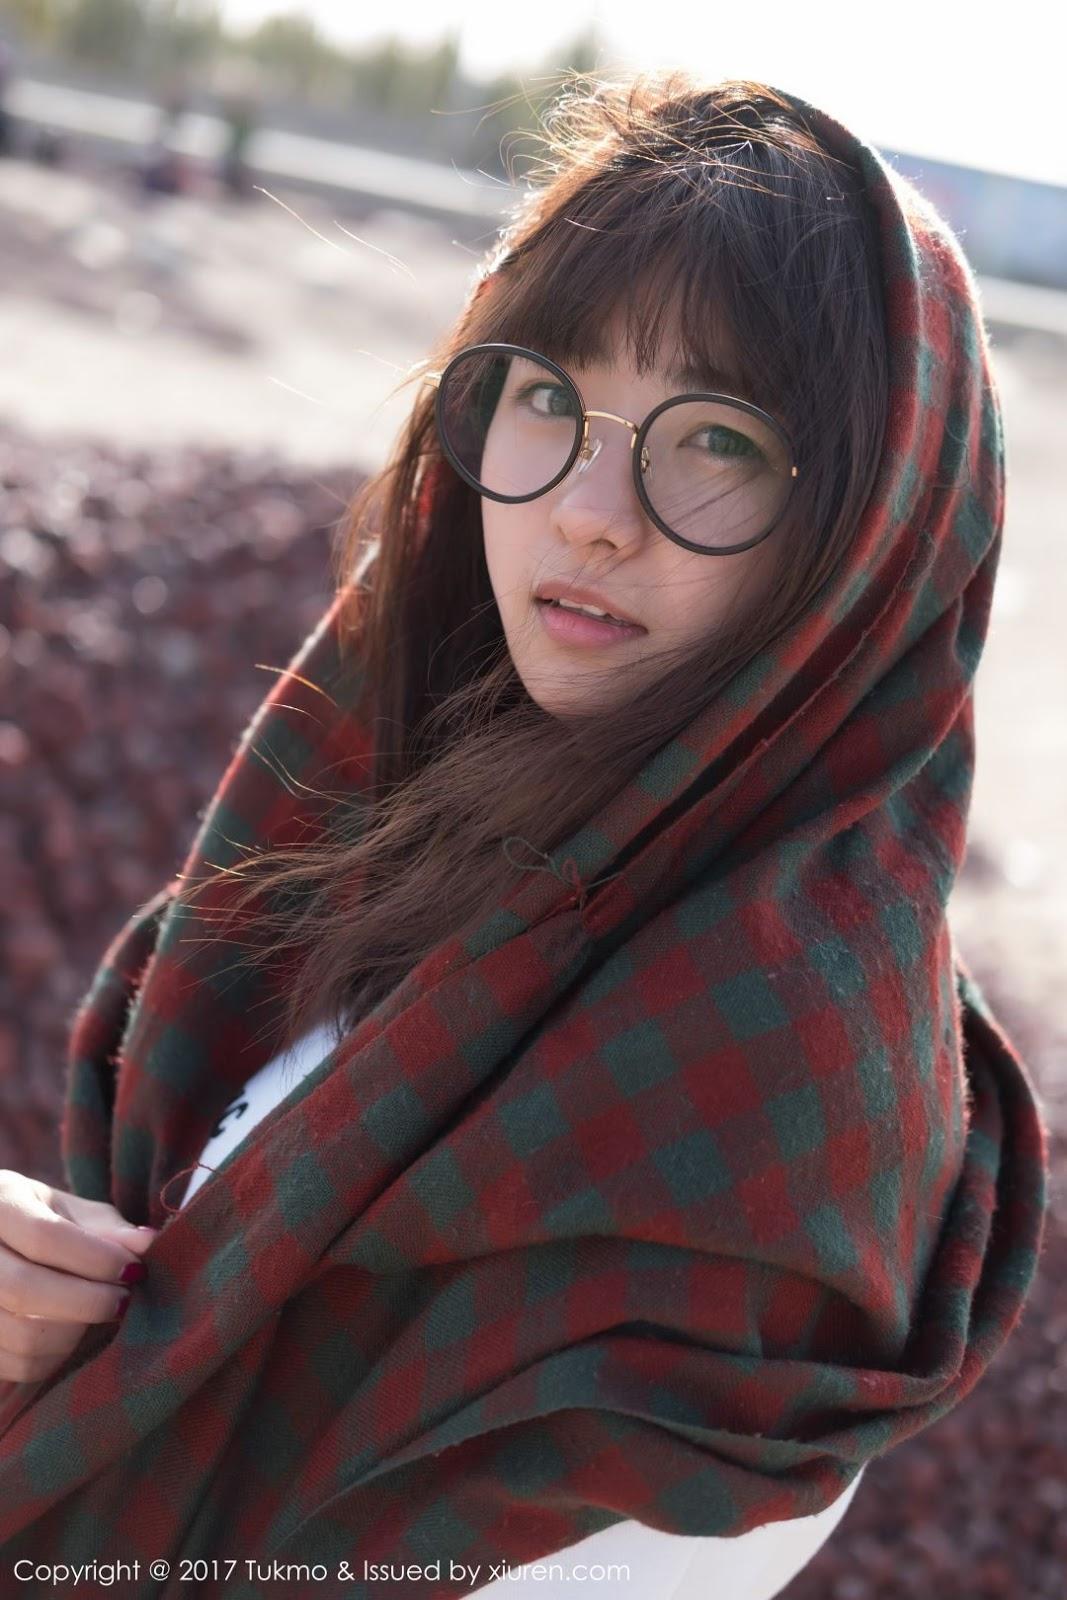 Tukmo Vol.105: Chinese model Qiu Qiu (球球) - TruePic.net